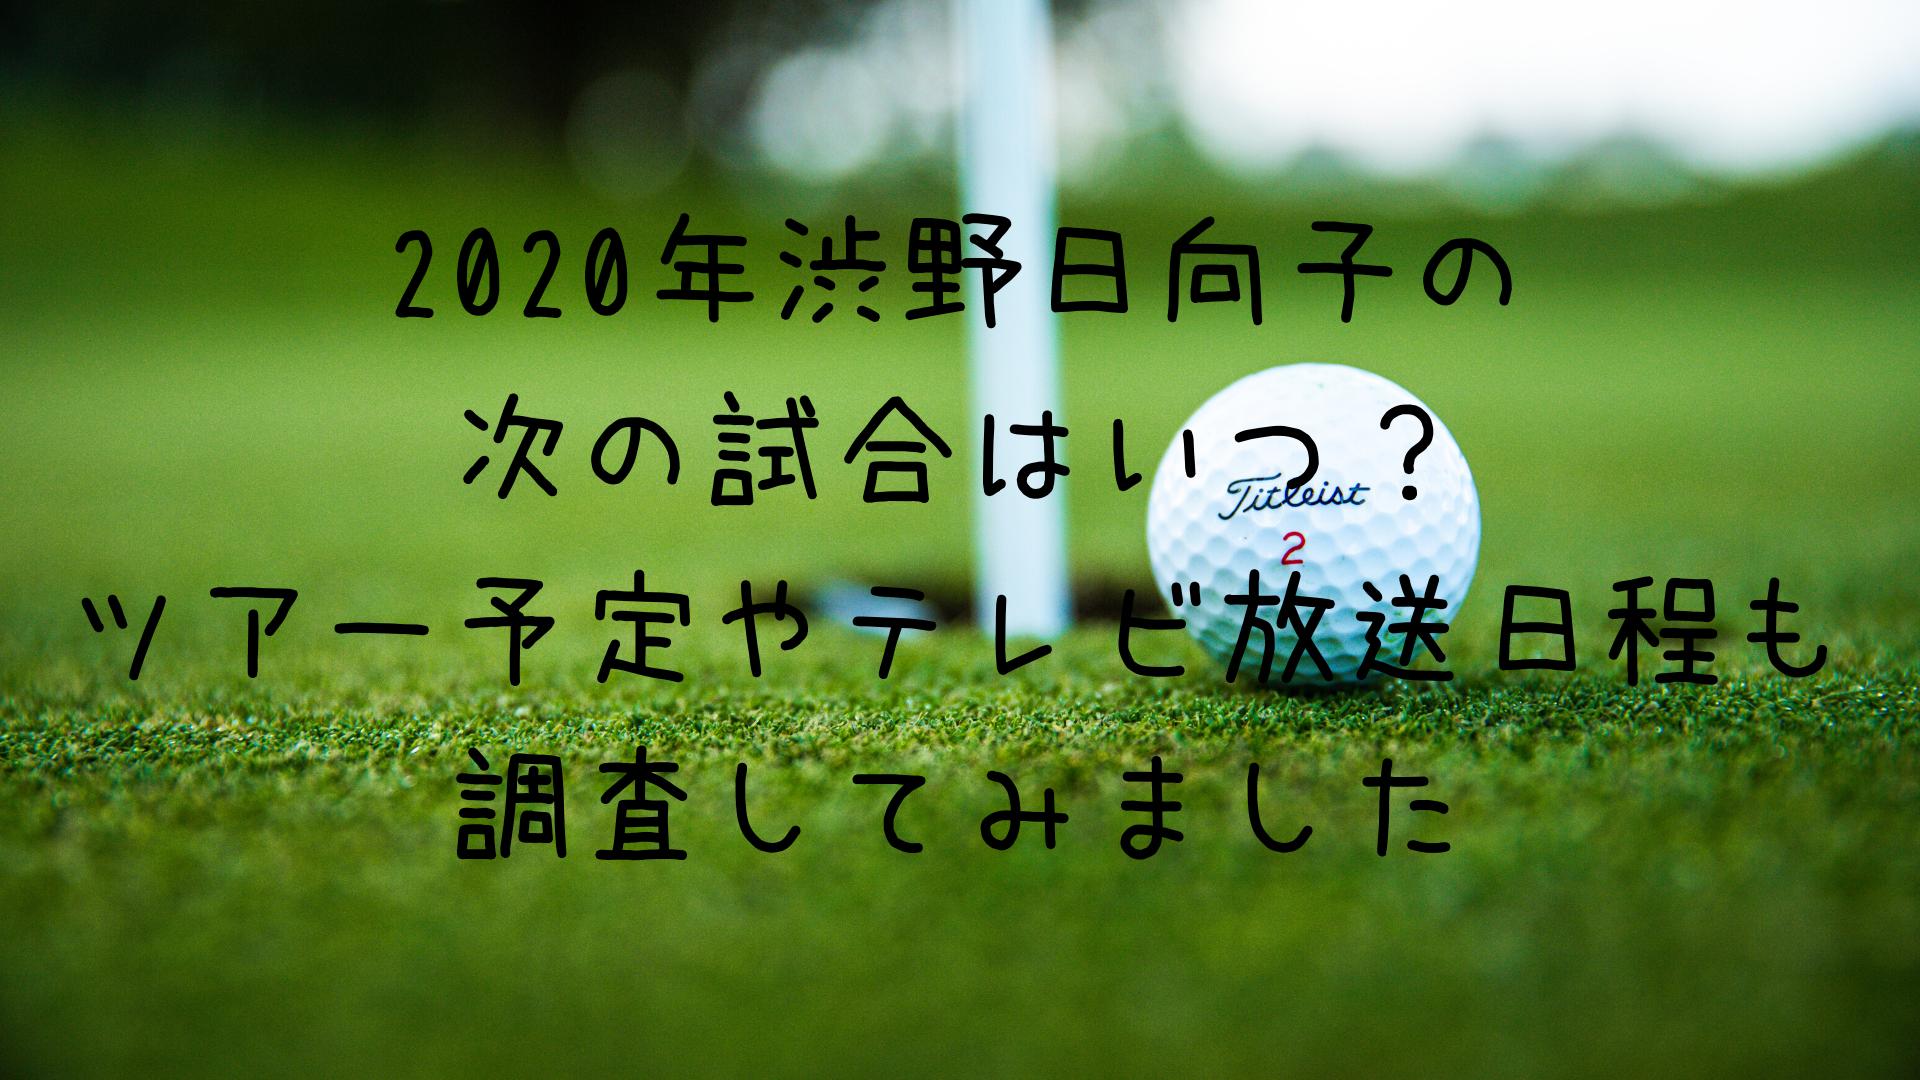 2020年渋野日向子の次の試合はいつ? ツアー予定やテレビ放送日程も調査してみました